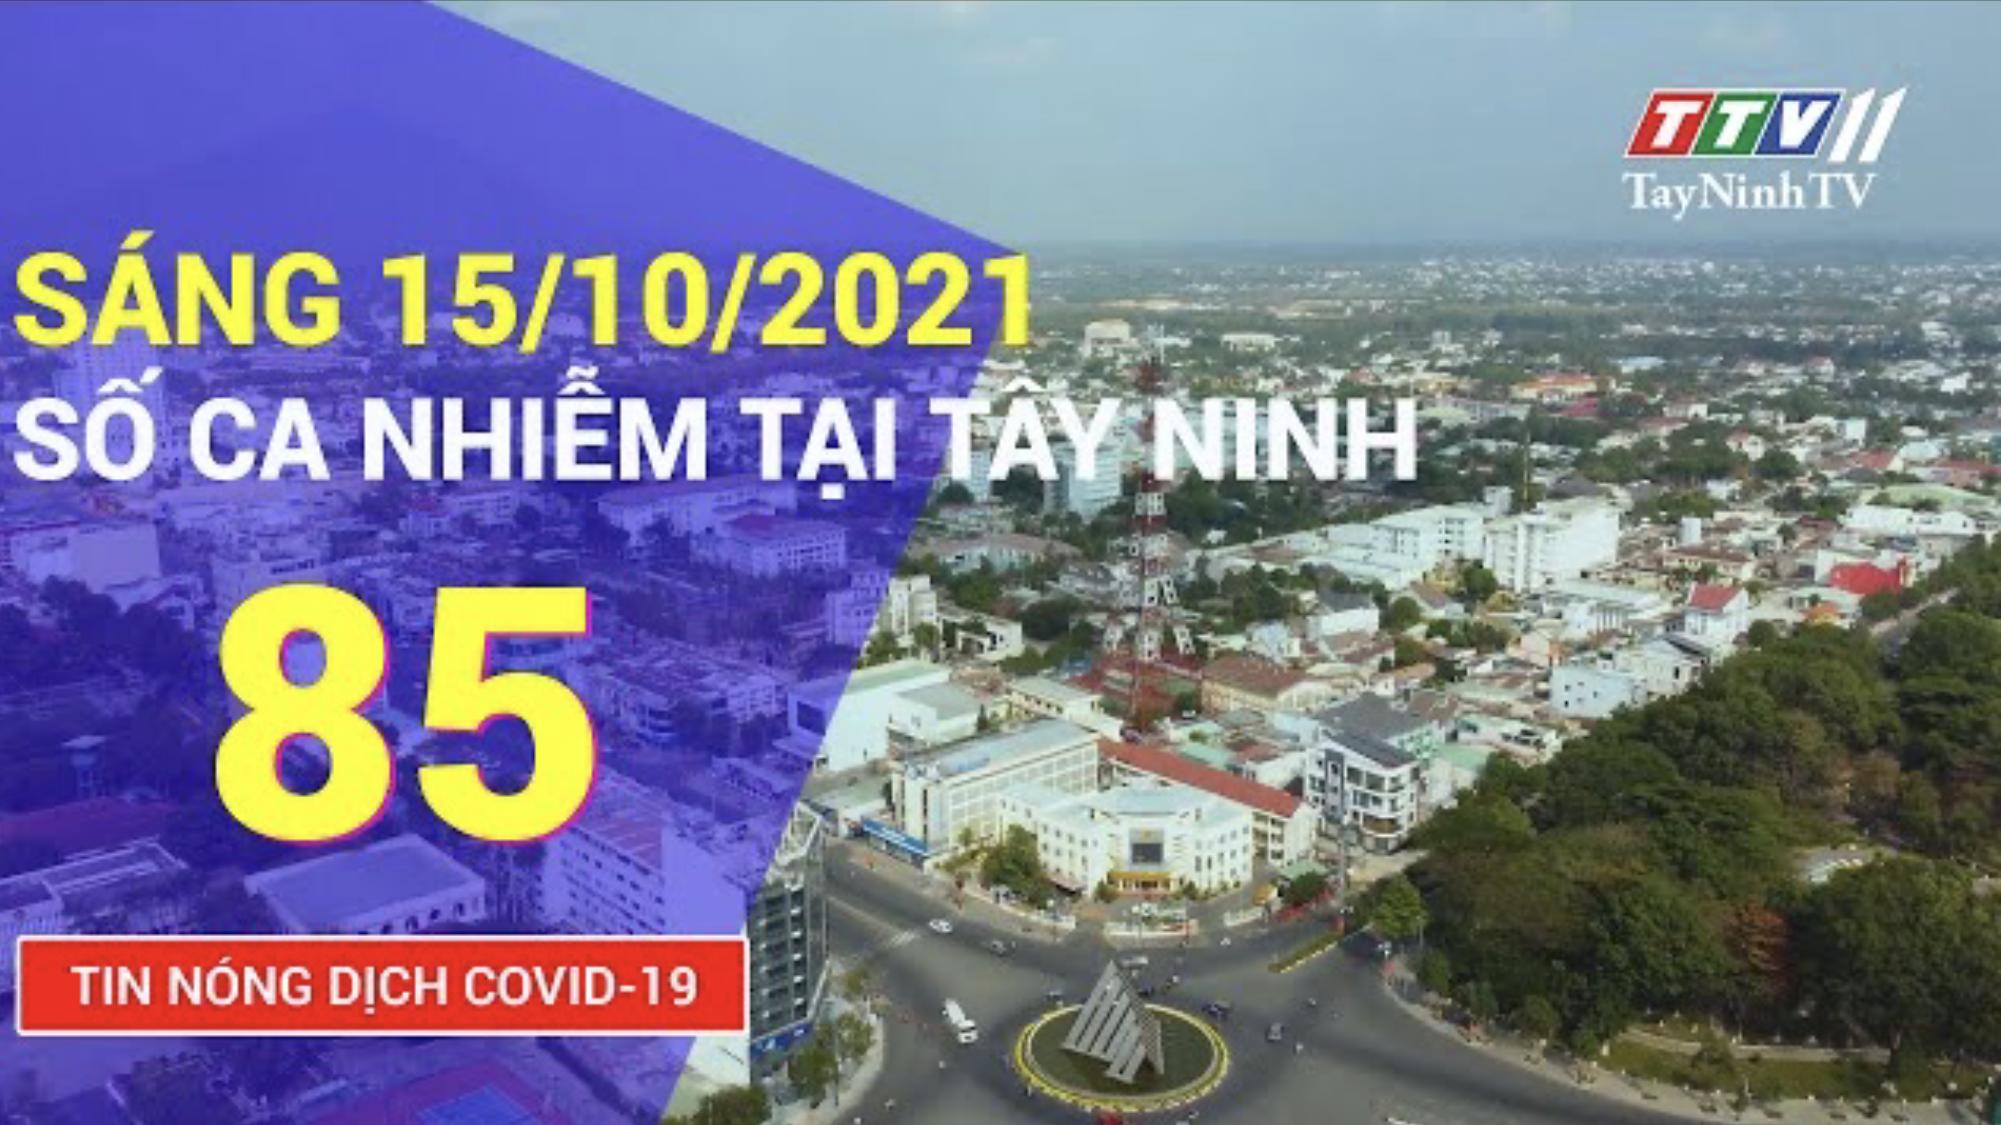 TIN TỨC COVID-19 SÁNG 15/10/2021 | Tin tức hôm nay | TayNinhTV